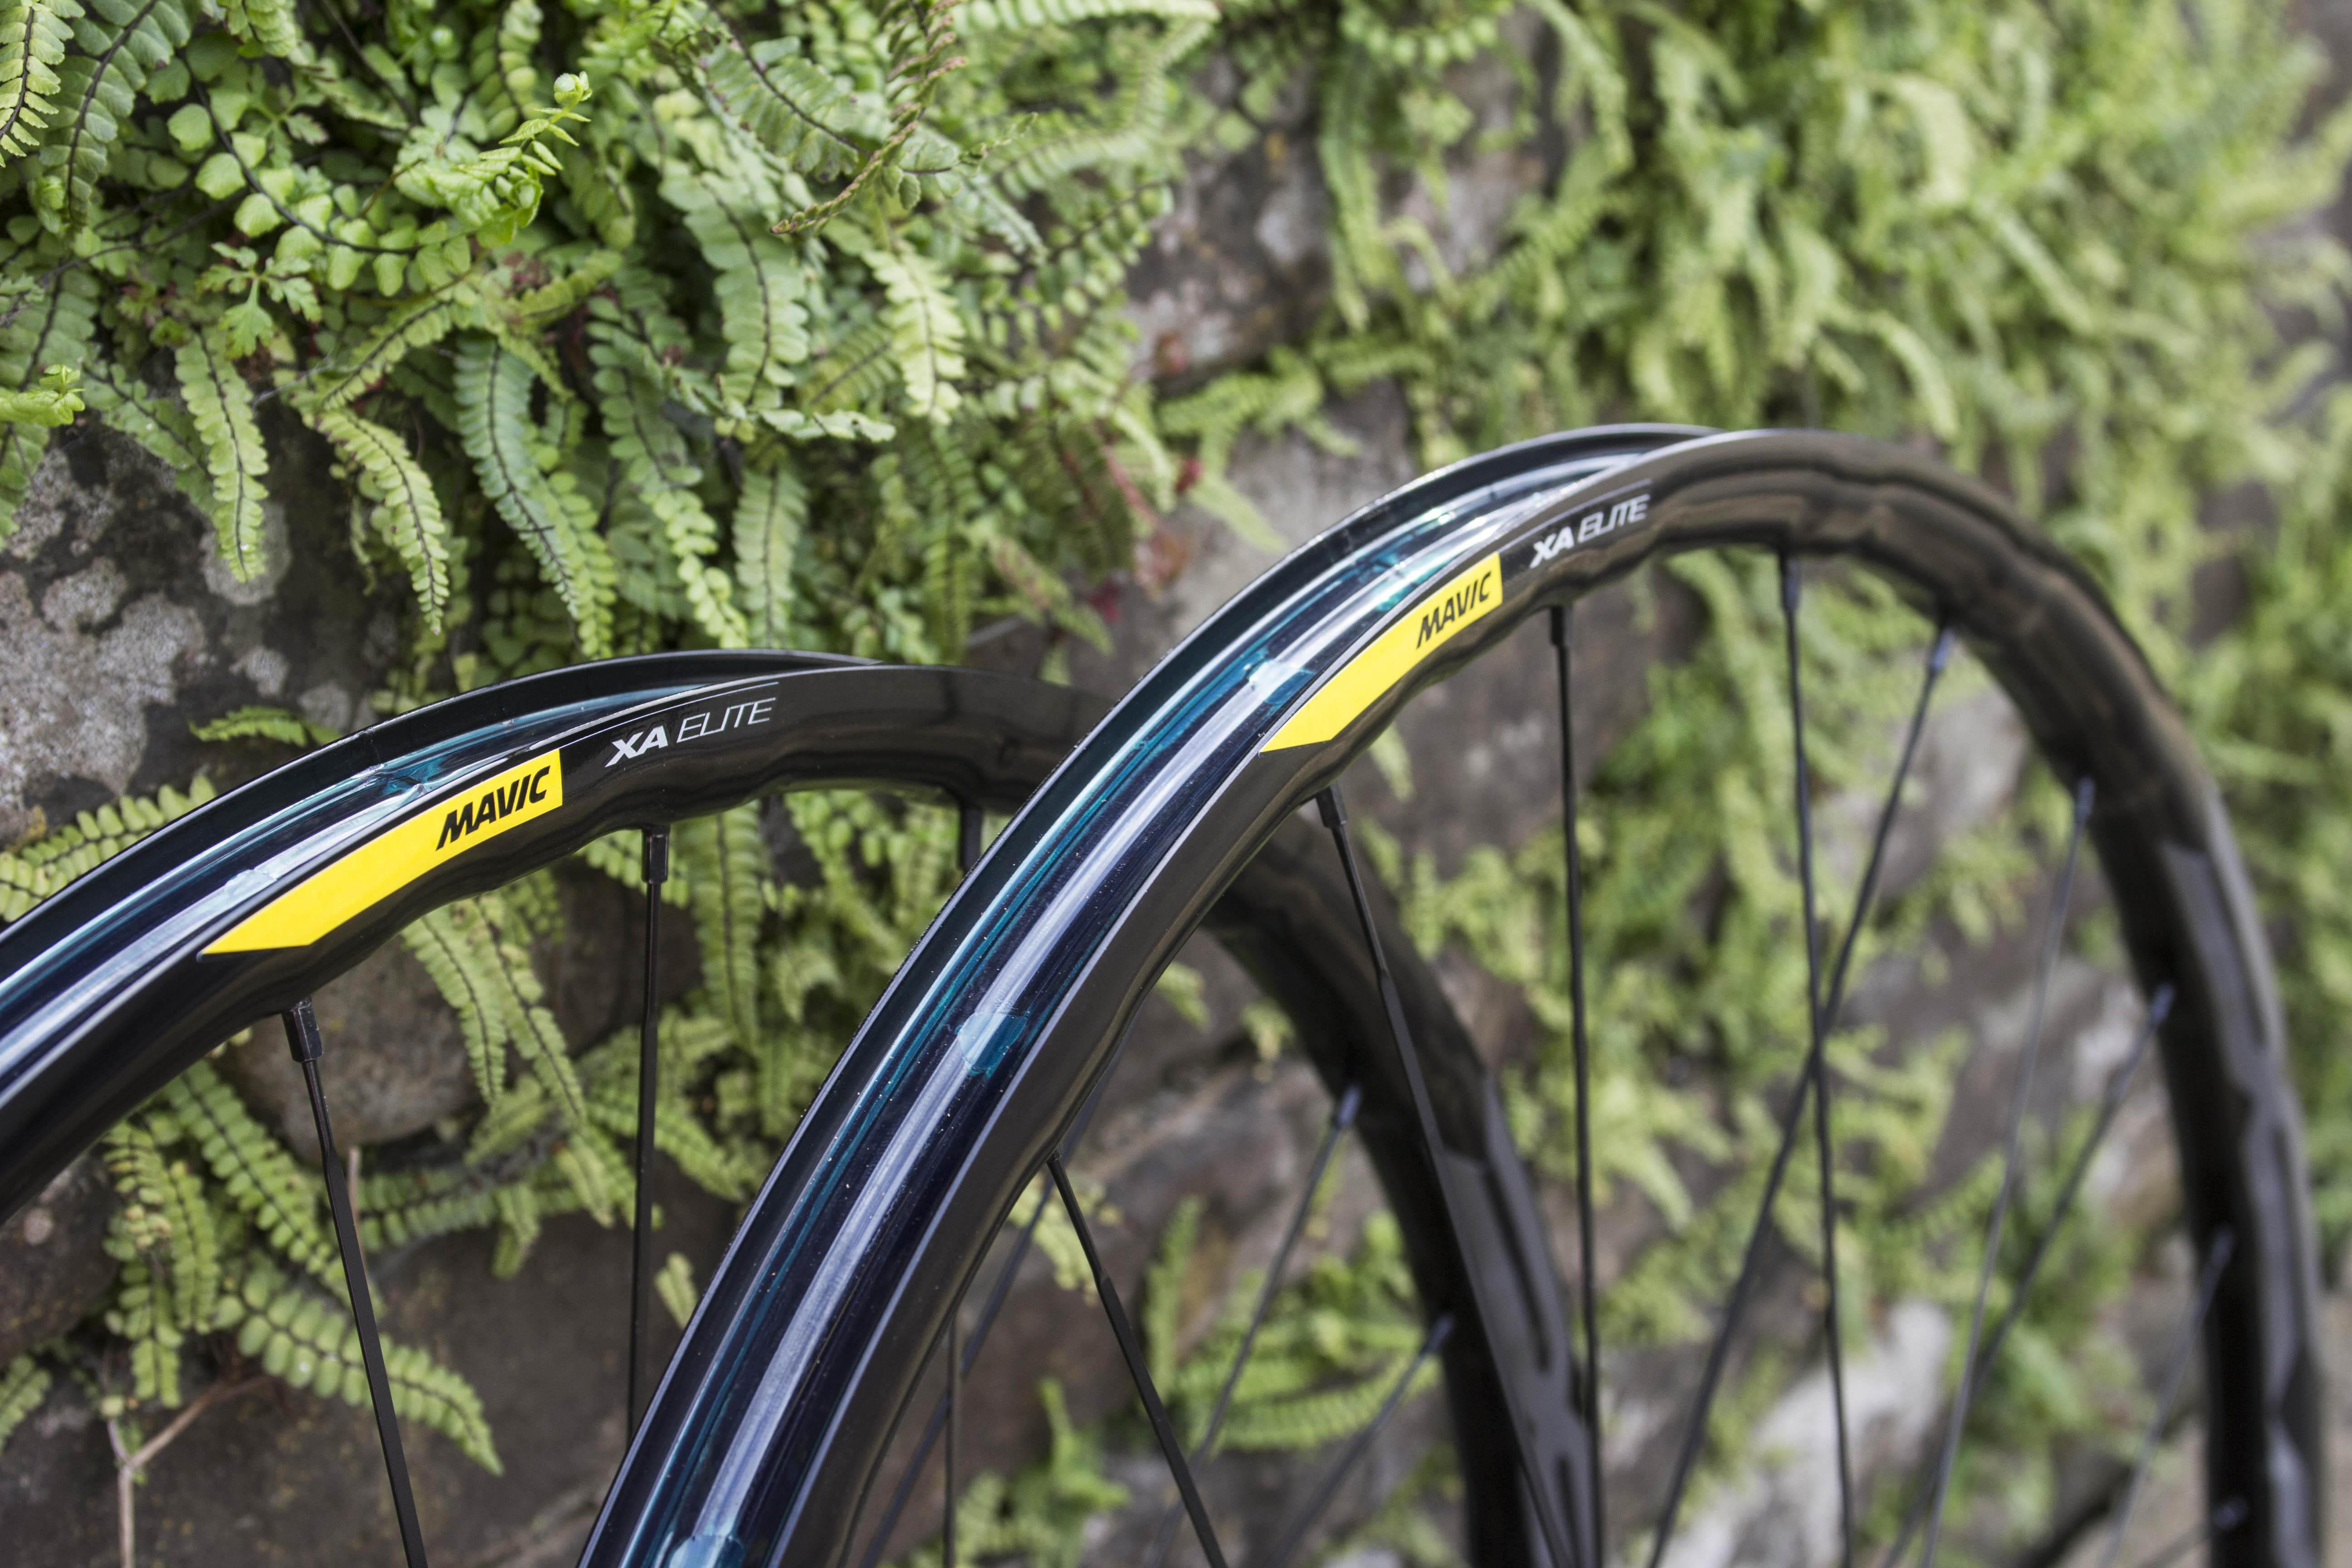 First Look: Mavic XA Pro Carbon & XA Elite Alloy Wheels ...